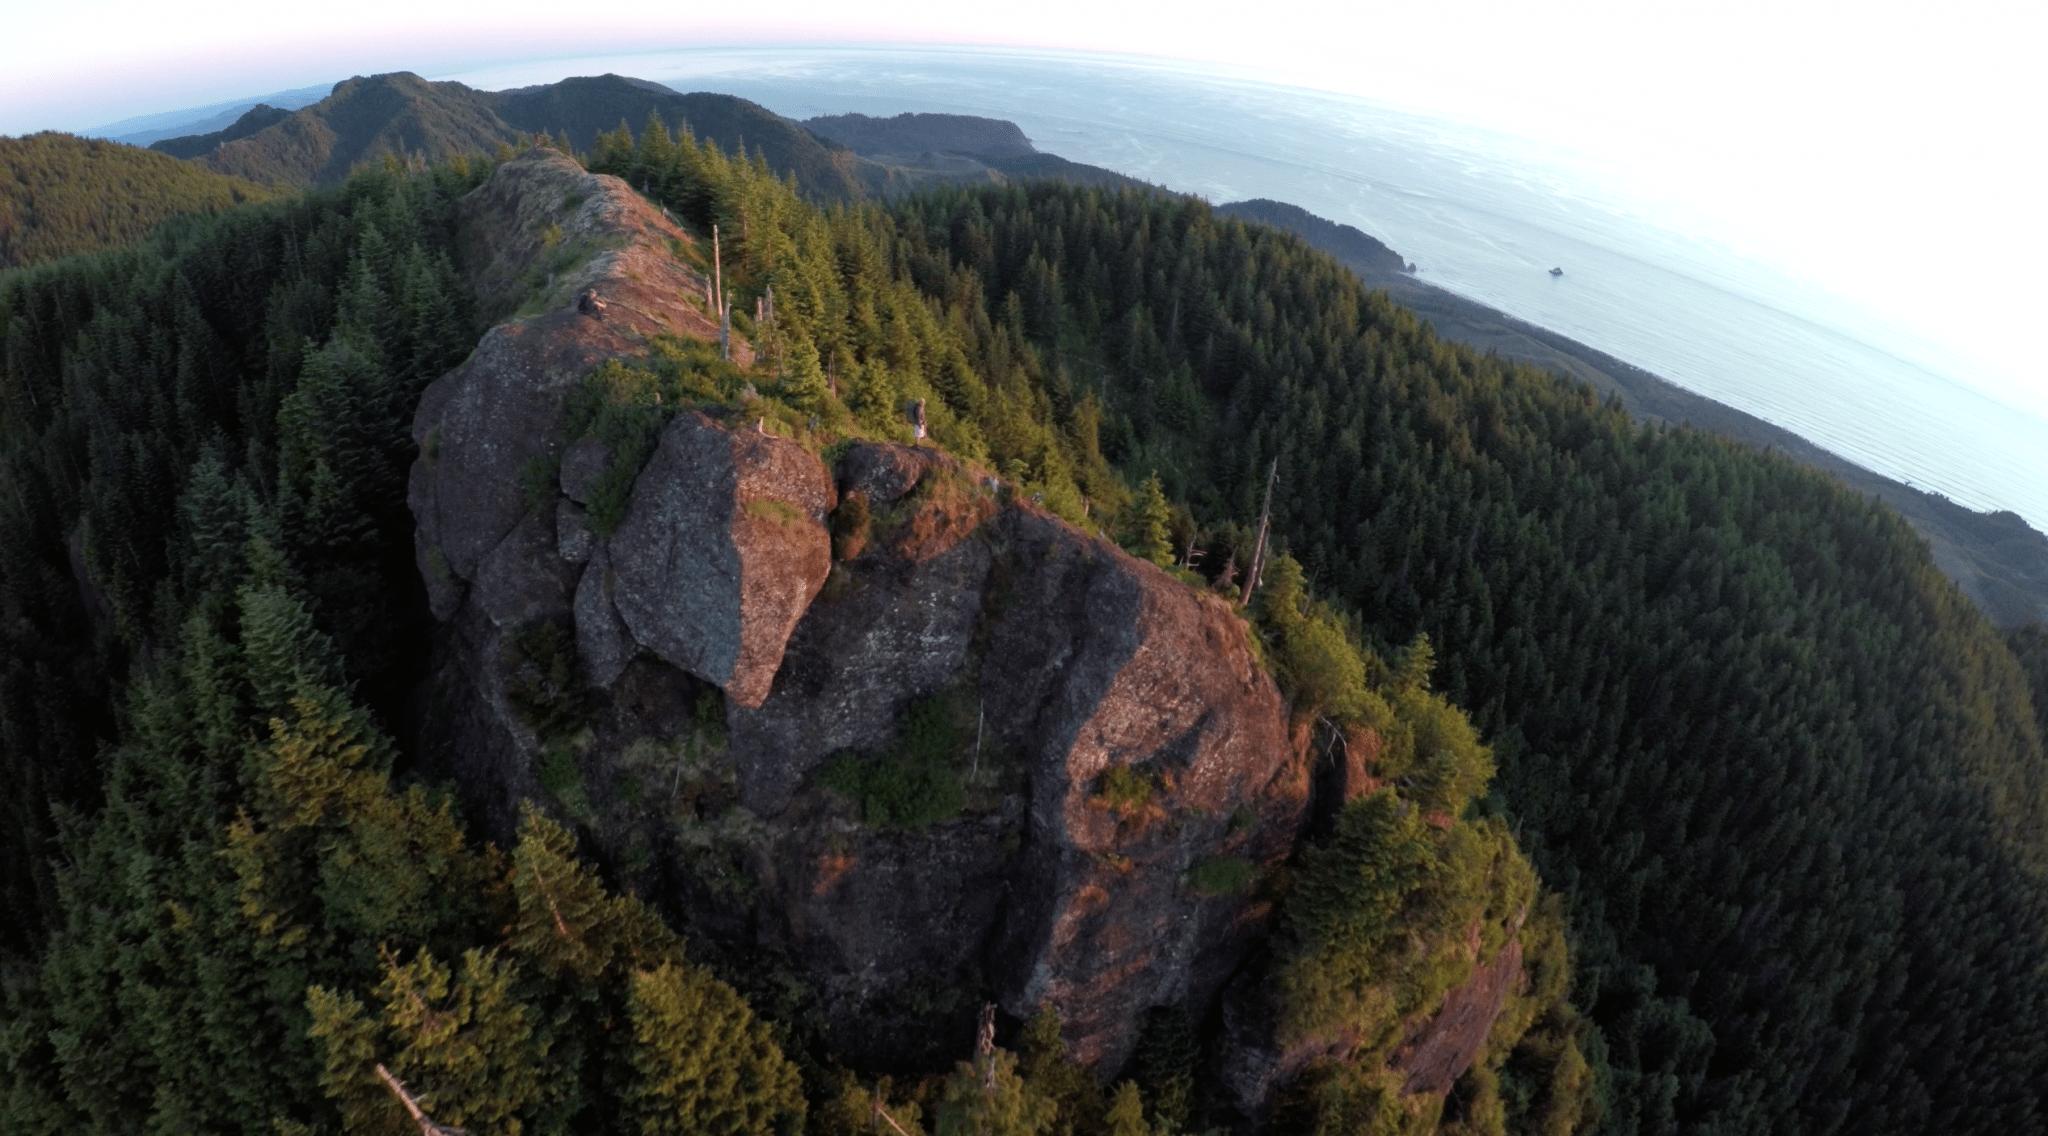 Epic Ridge in the Oregon Coast Range Mountains